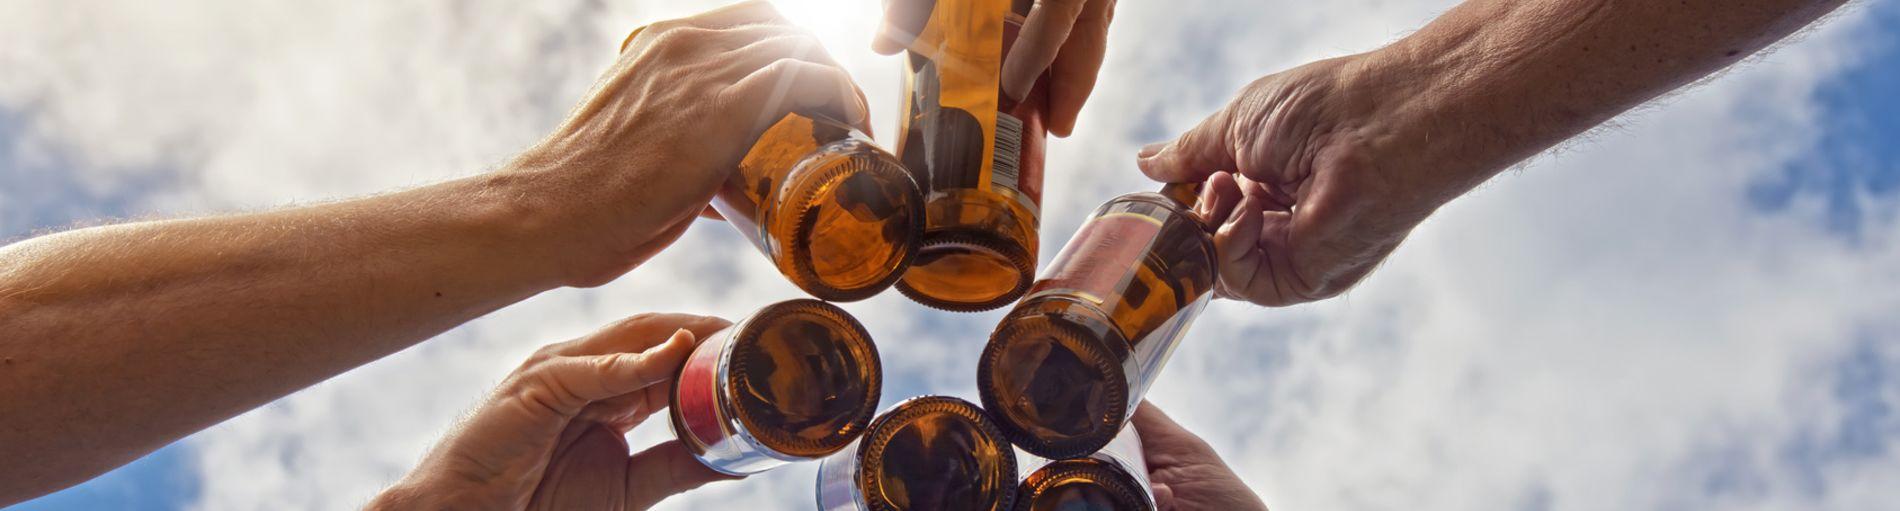 Sechs Hände prosten sich mit einer Flasche in der Hand zu